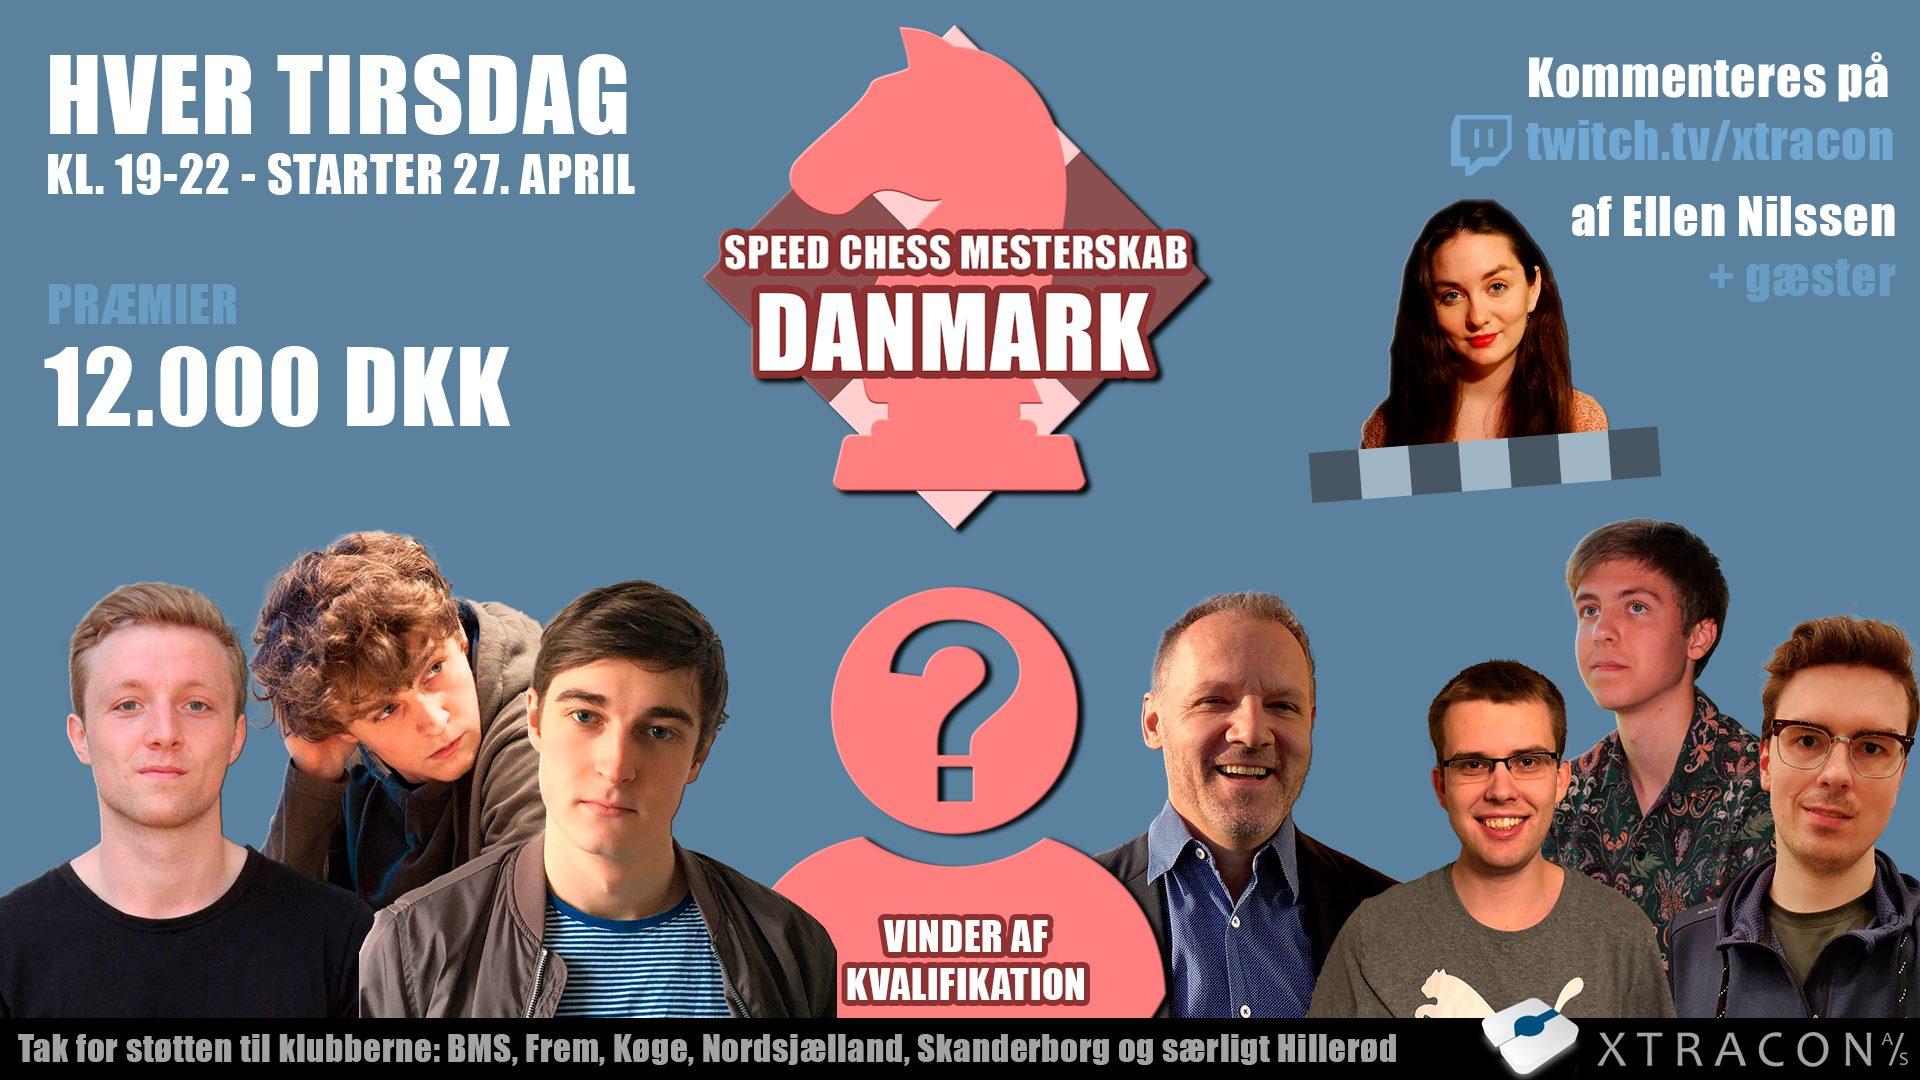 SPEED CHESS MESTERSKAB – DANMARK